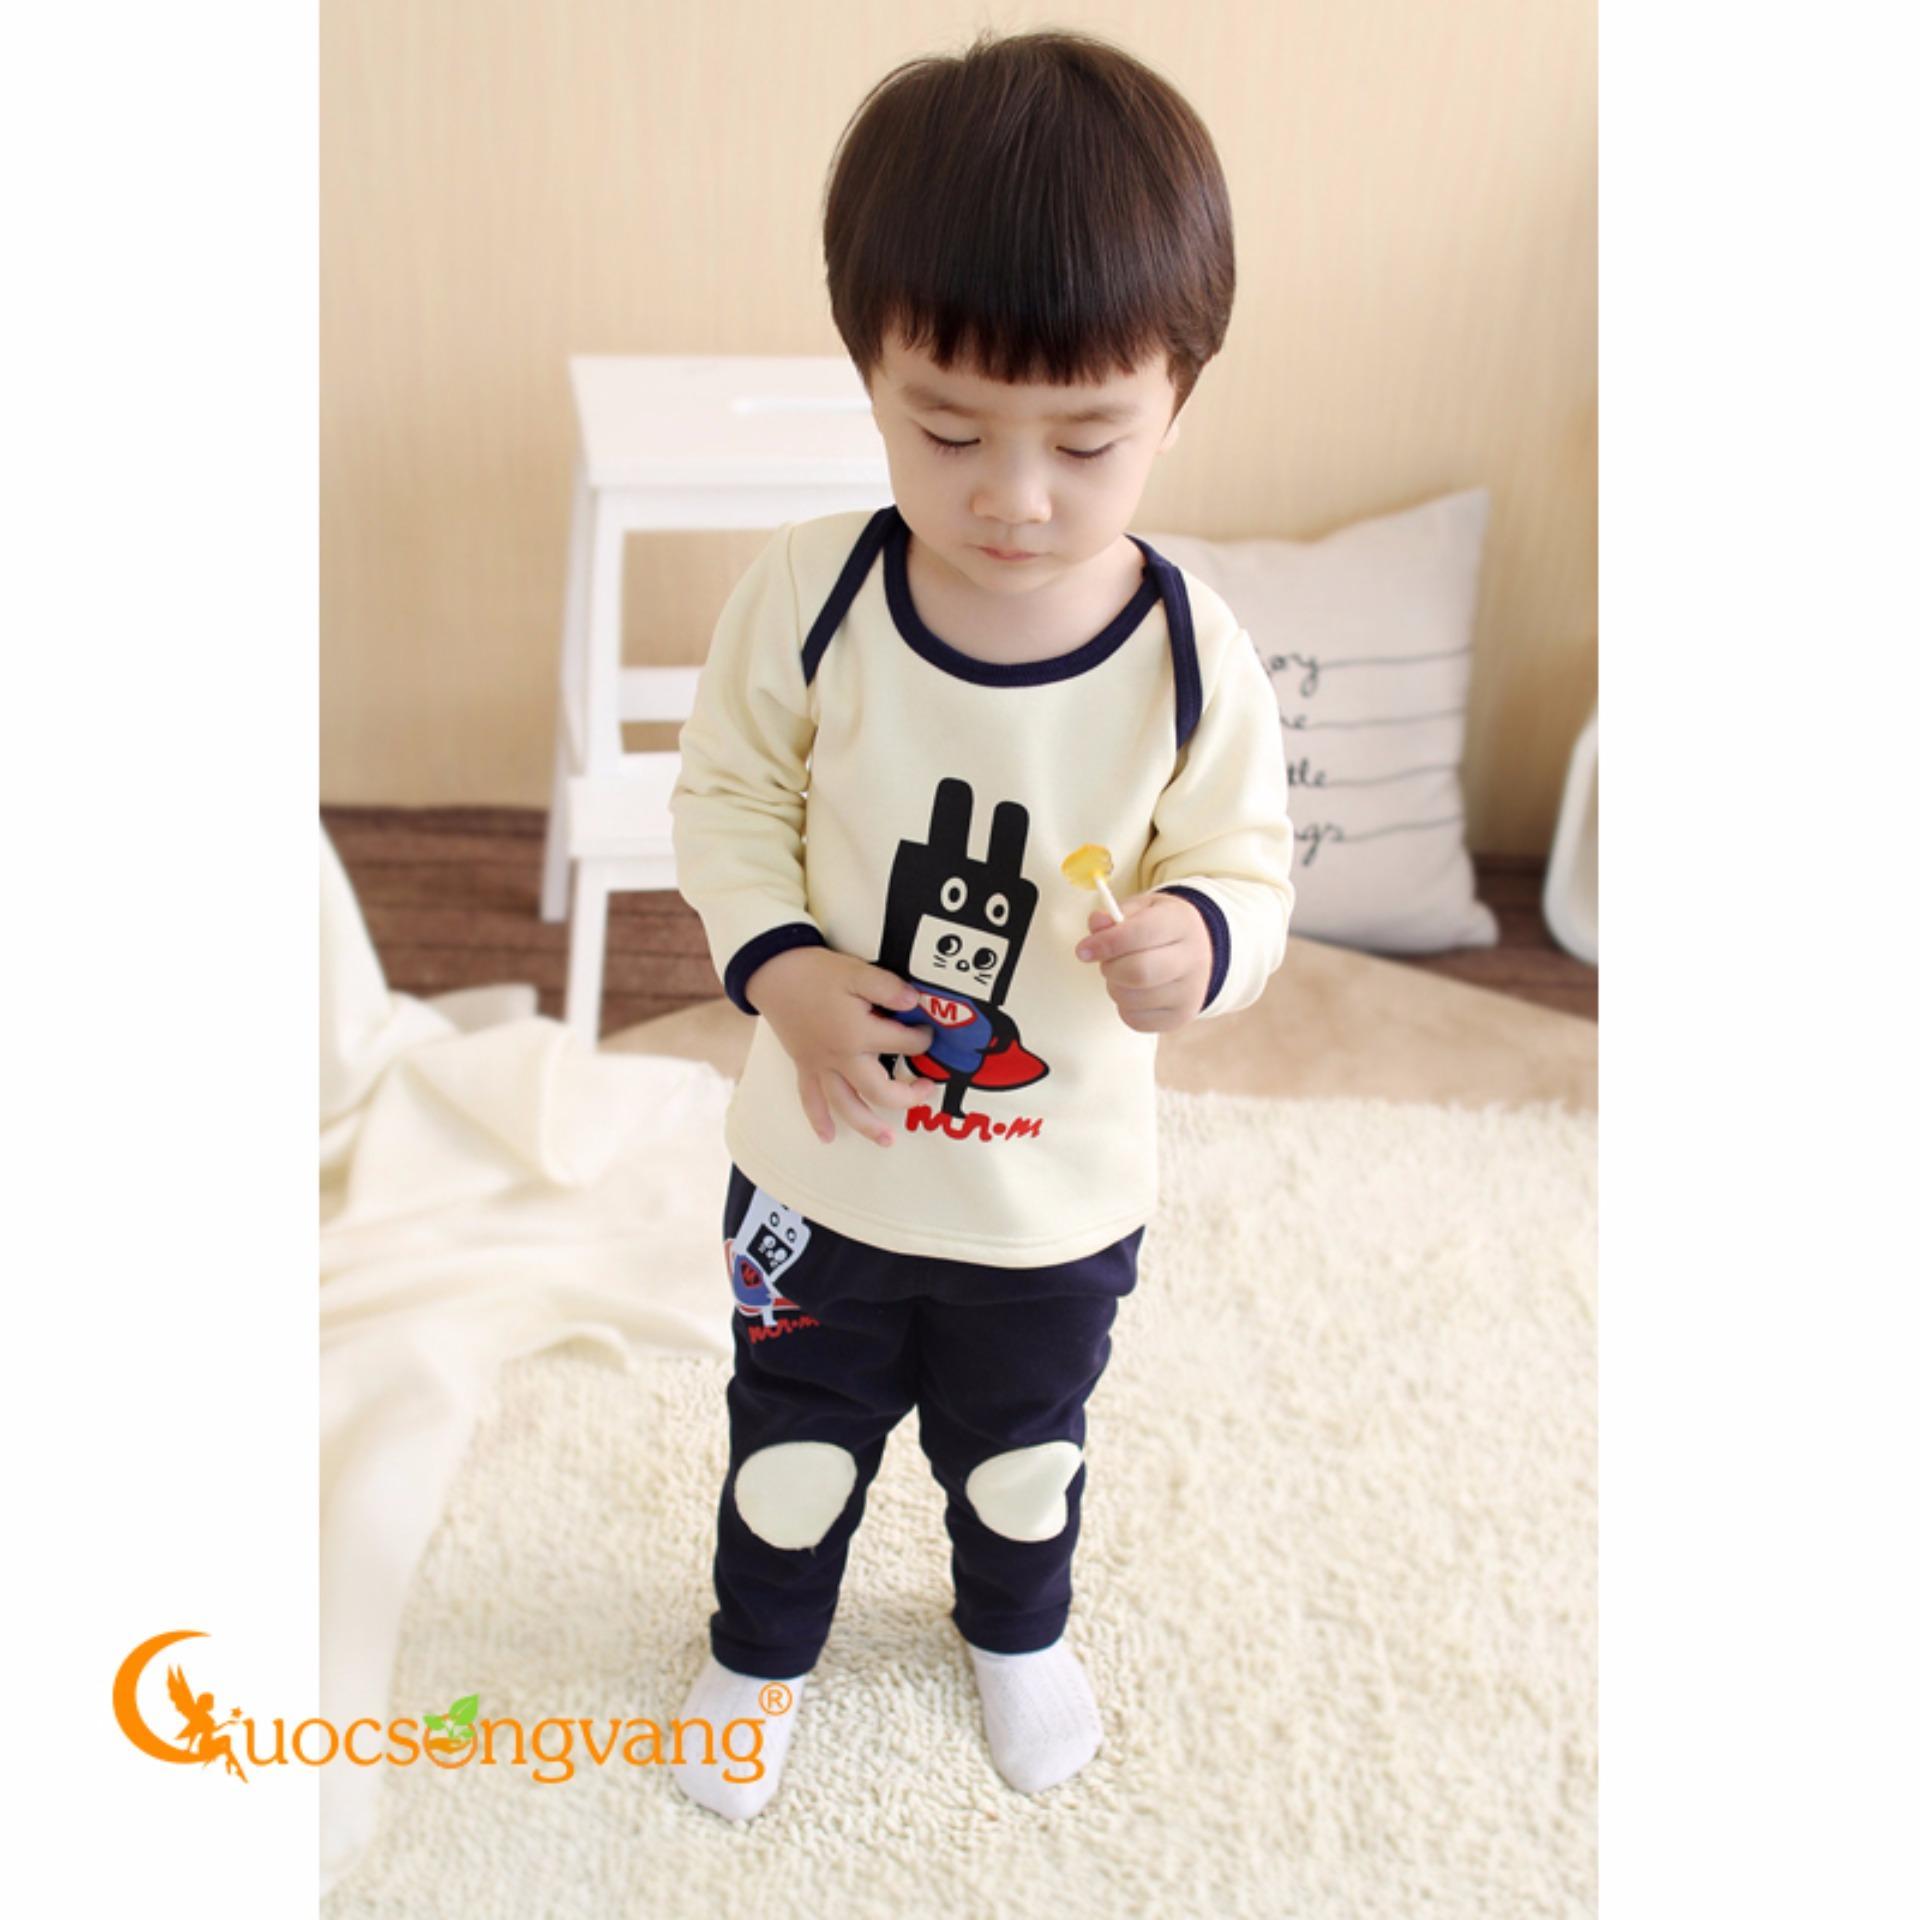 Bộ quần áo trẻ em lót lông bộ đồ trẻ em mùa đông GLSET024